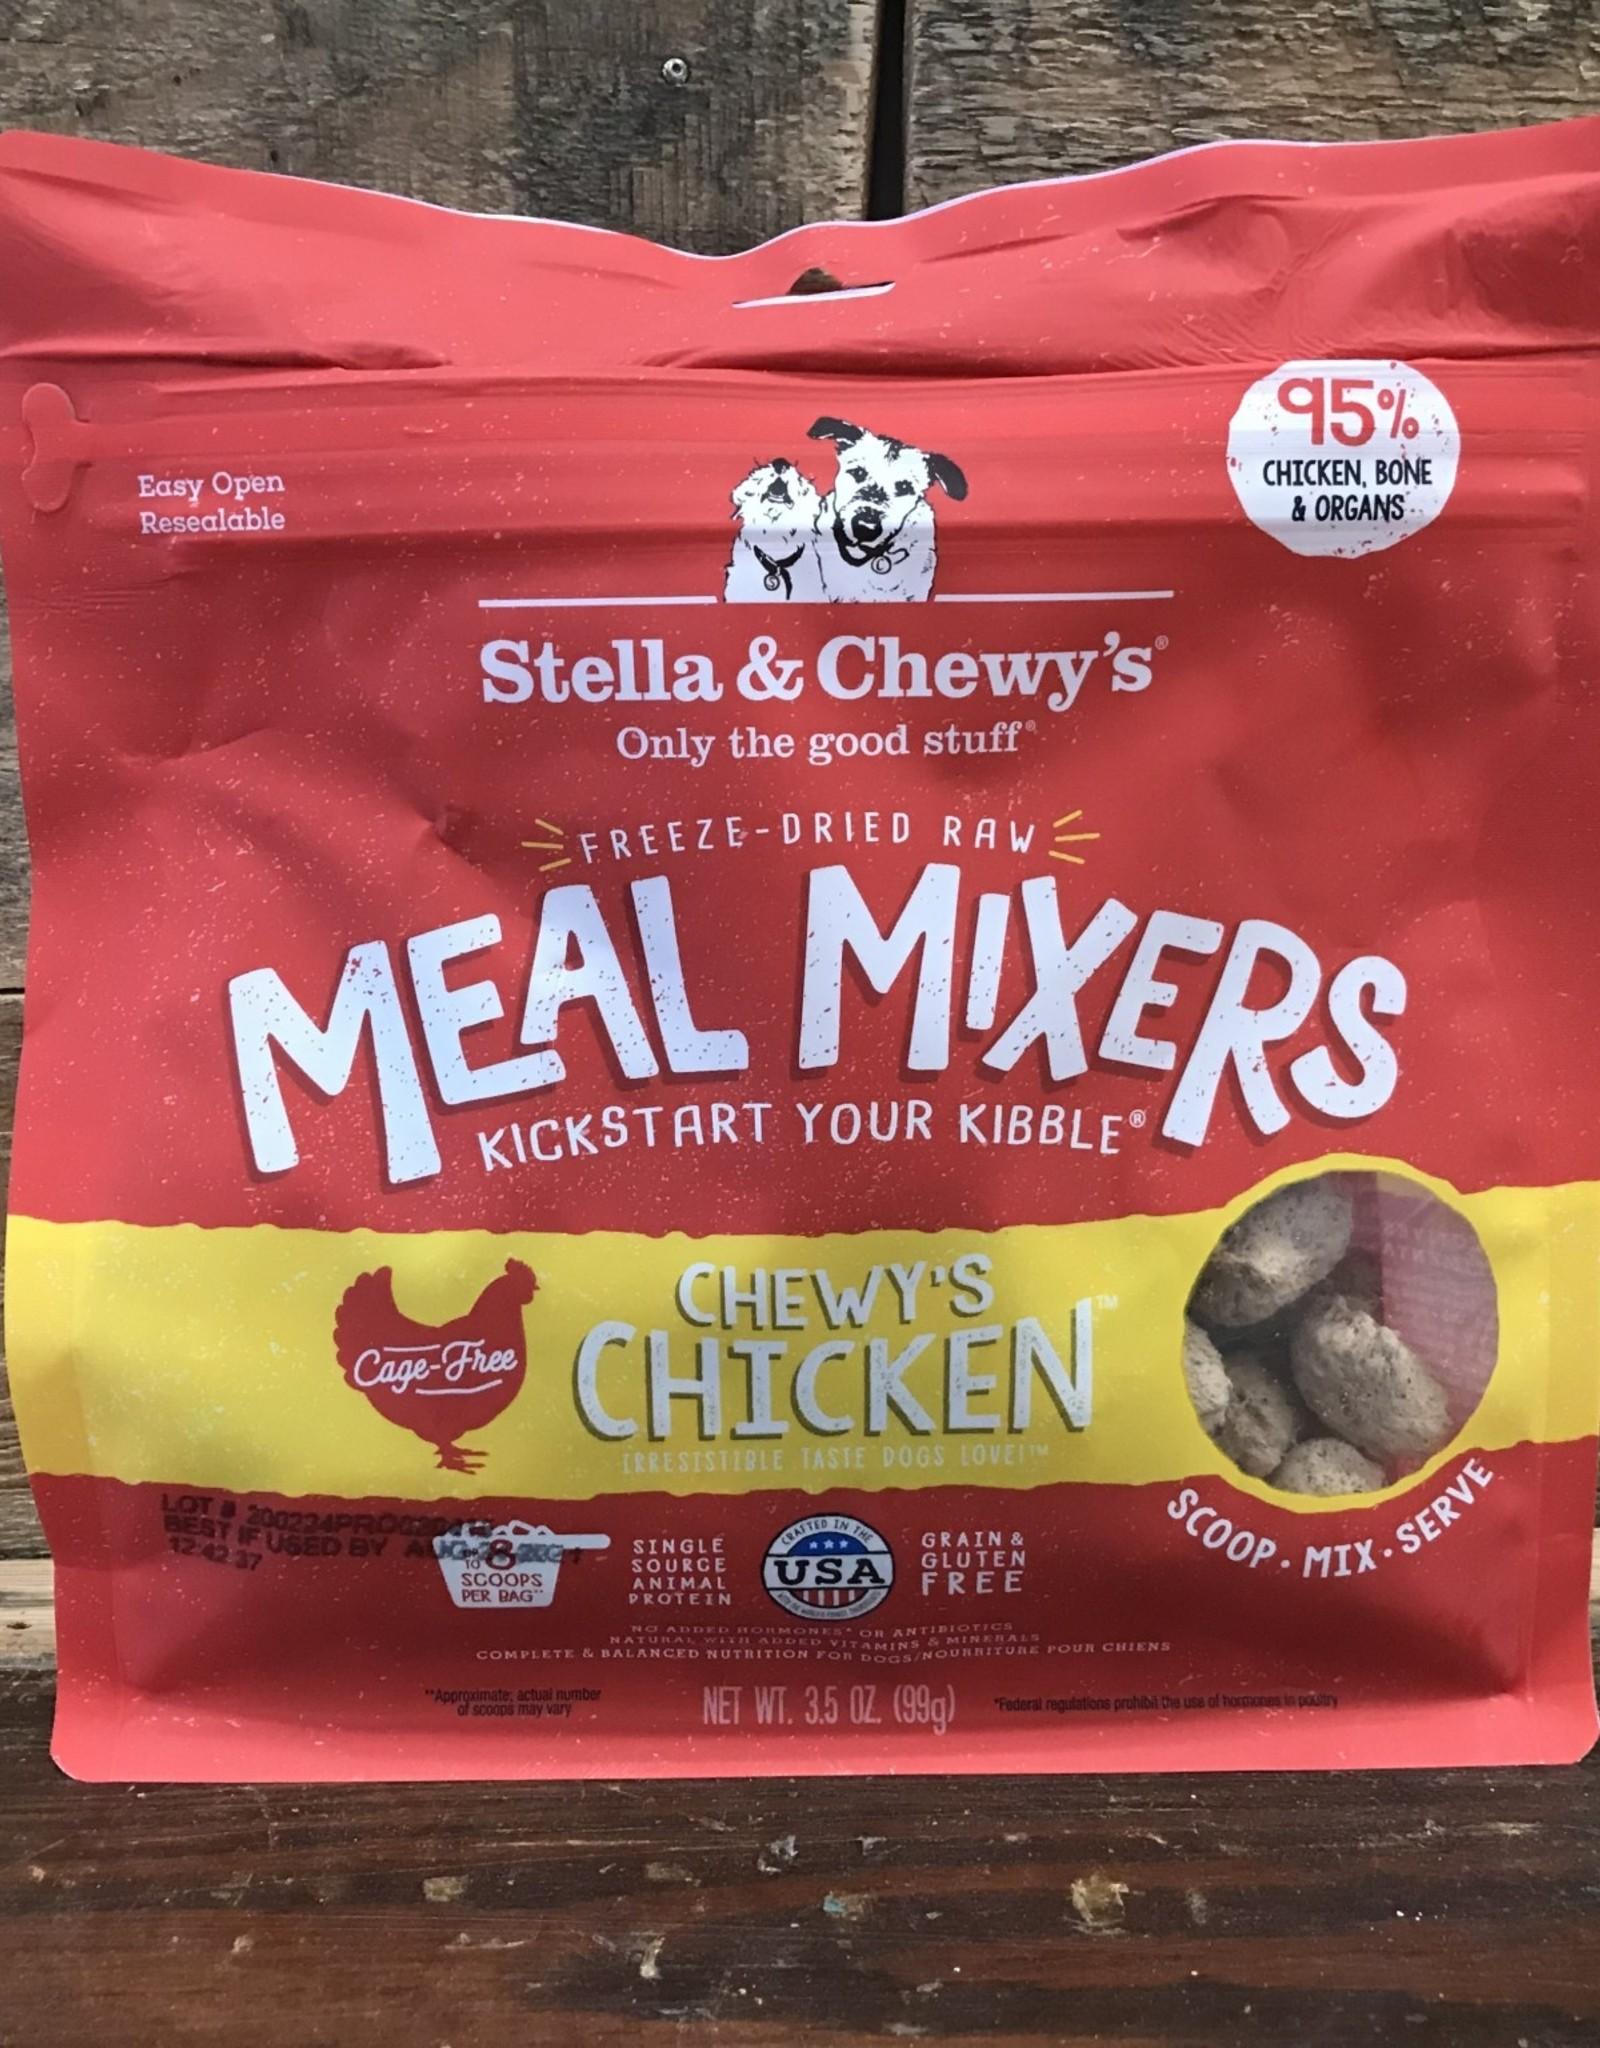 Stella & Chewys FD 3.2 oz Chicken Meal Mixer dog